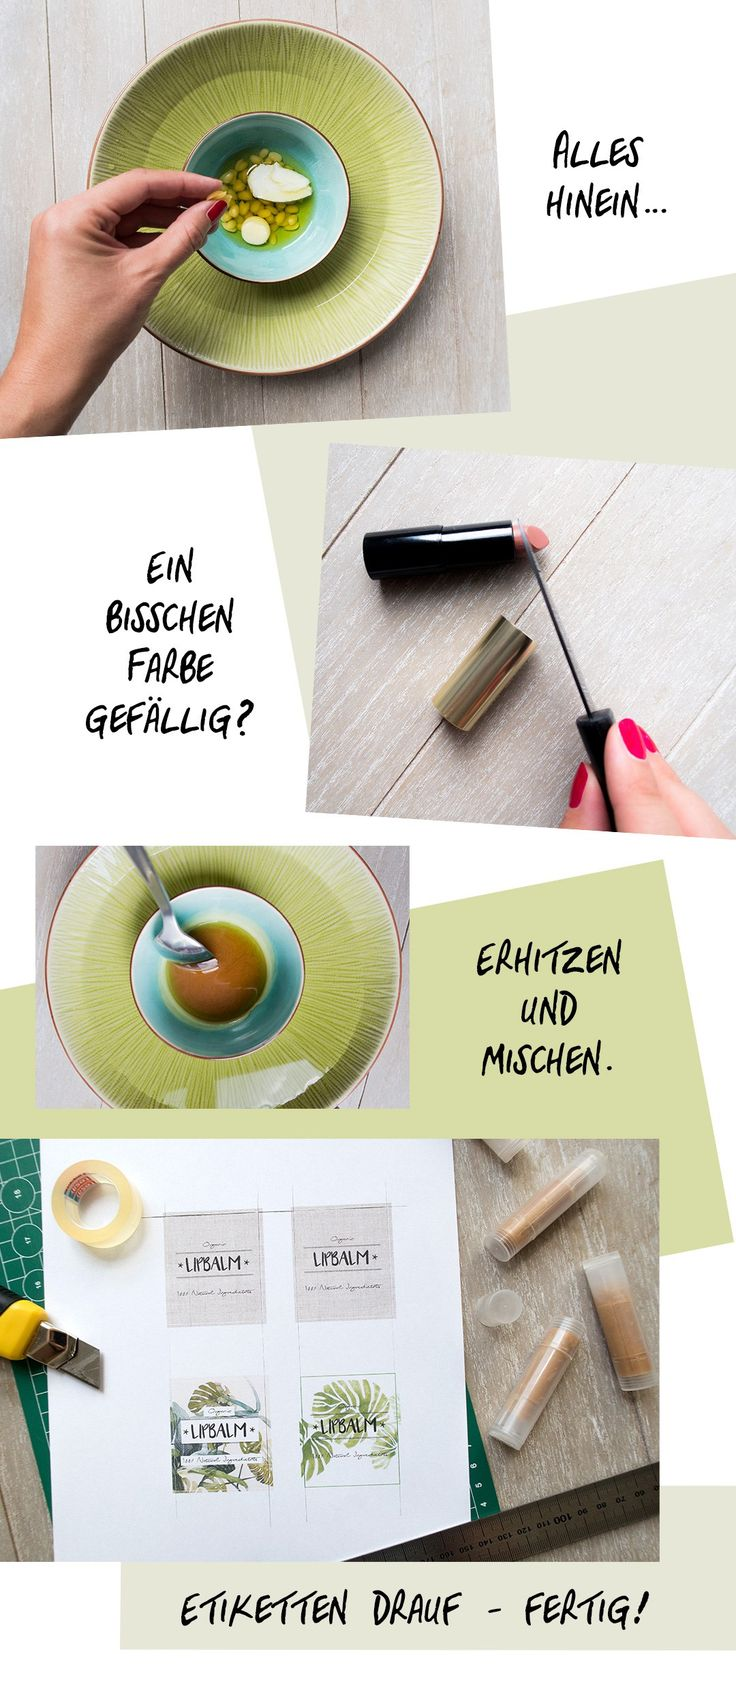 Lipbalm addicted oder auf der Suche nach einem coolen selbstgemachten Geschenk? Ich zeige Dir wie es geht und das in nur drei einfachen Schritten!